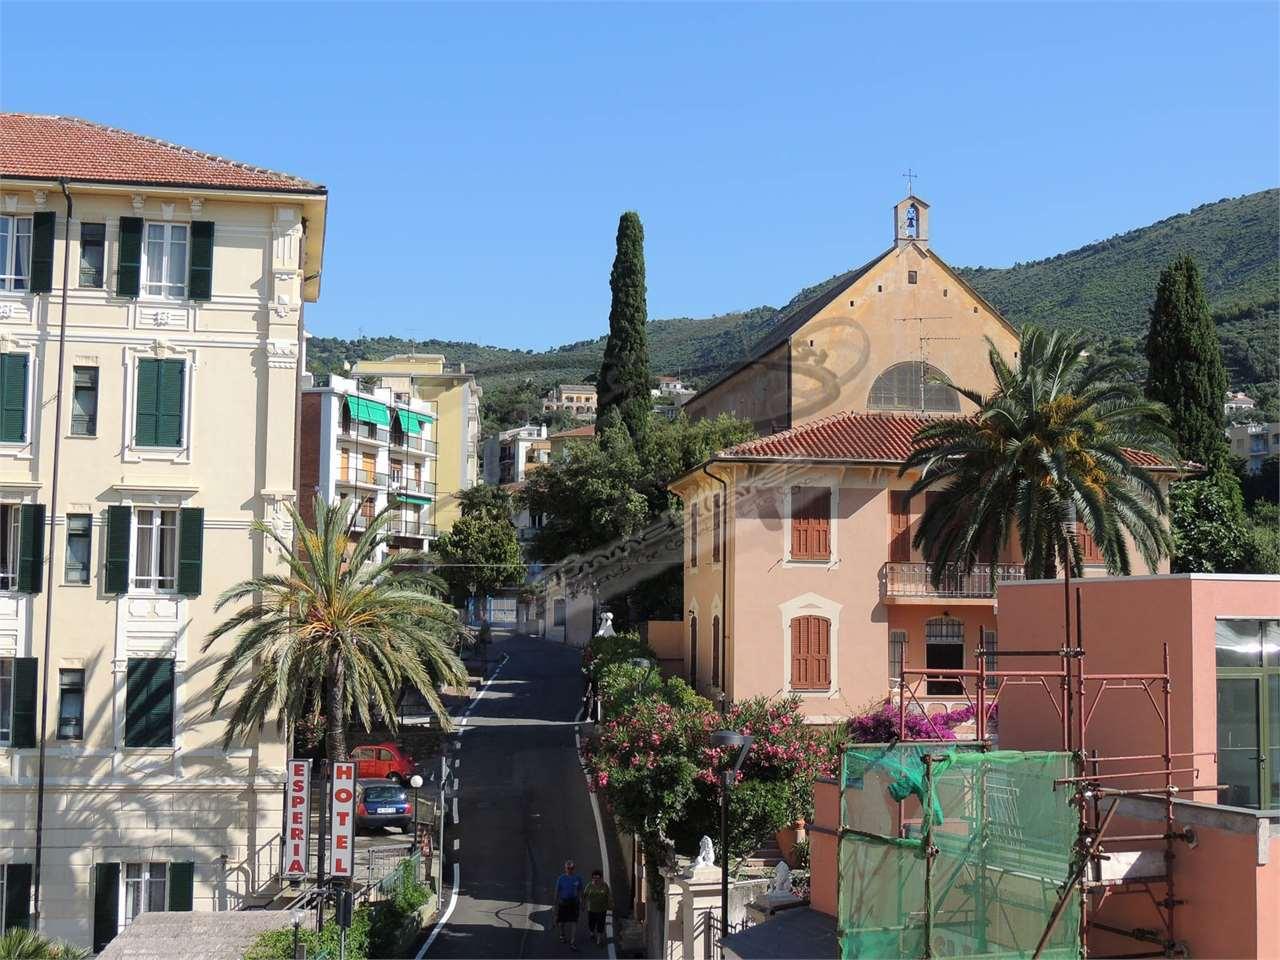 Appartamento in vendita a Spotorno, 3 locali, prezzo € 370.000 | CambioCasa.it